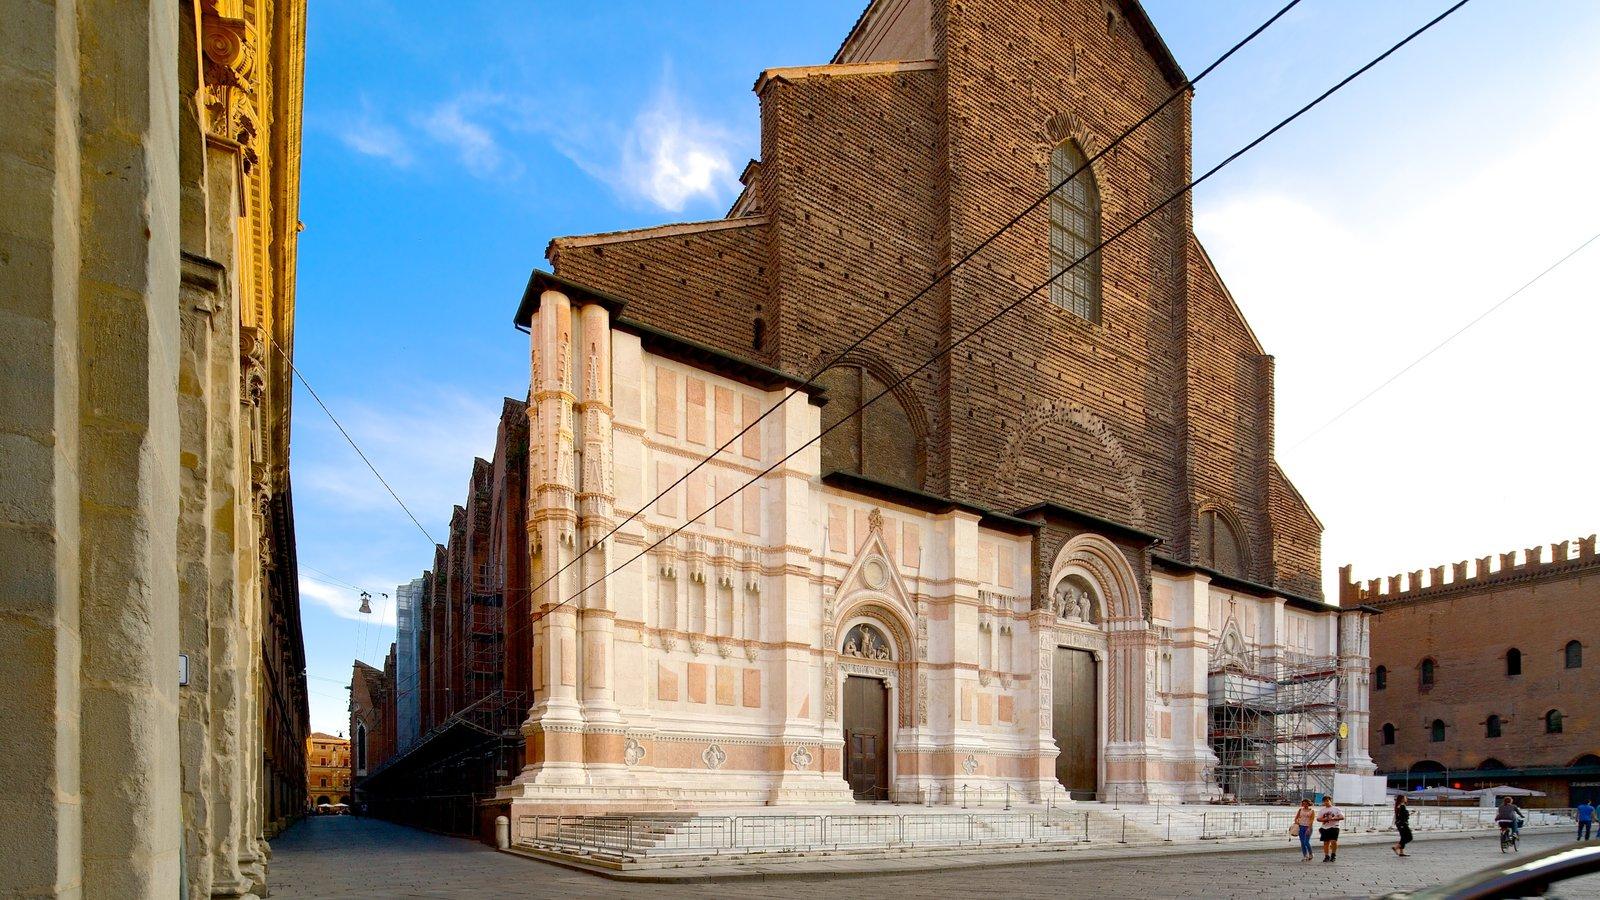 Basilica S. Petronio mostrando uma igreja ou catedral, elementos de patrimônio e elementos religiosos